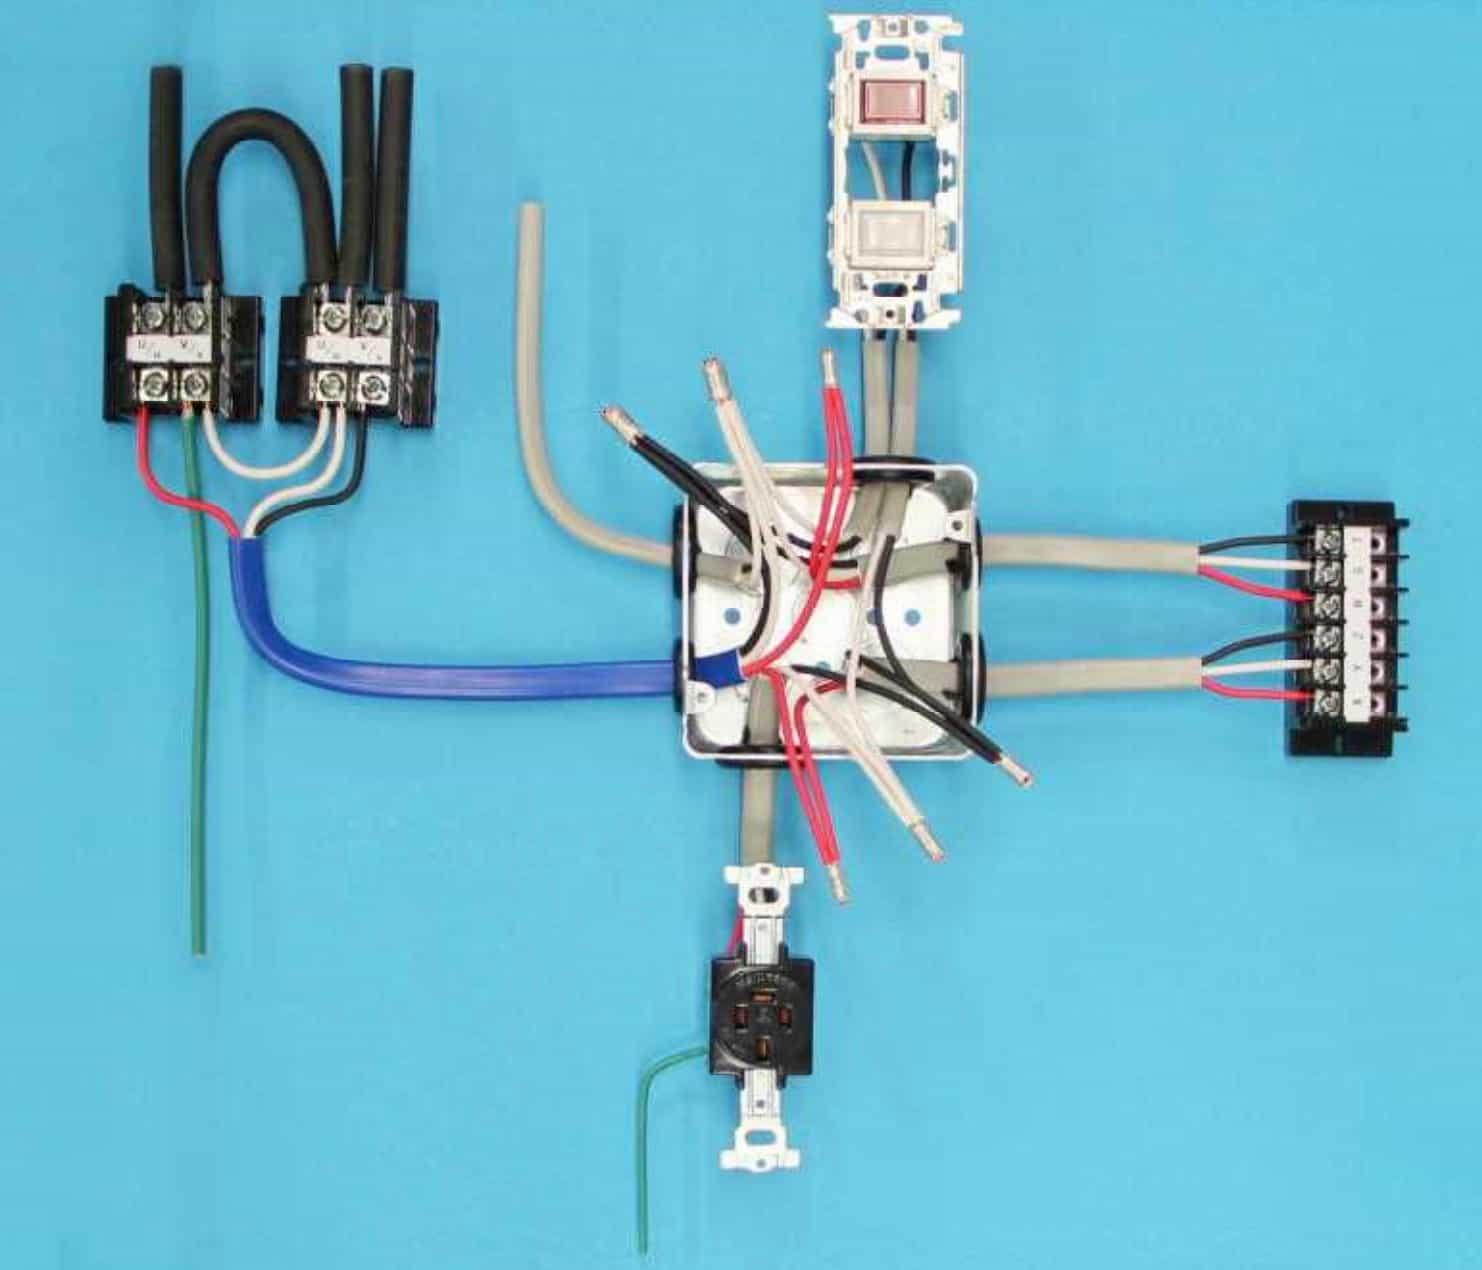 第一種電気工事士の技能試験の試験問題No.5の施工完成形